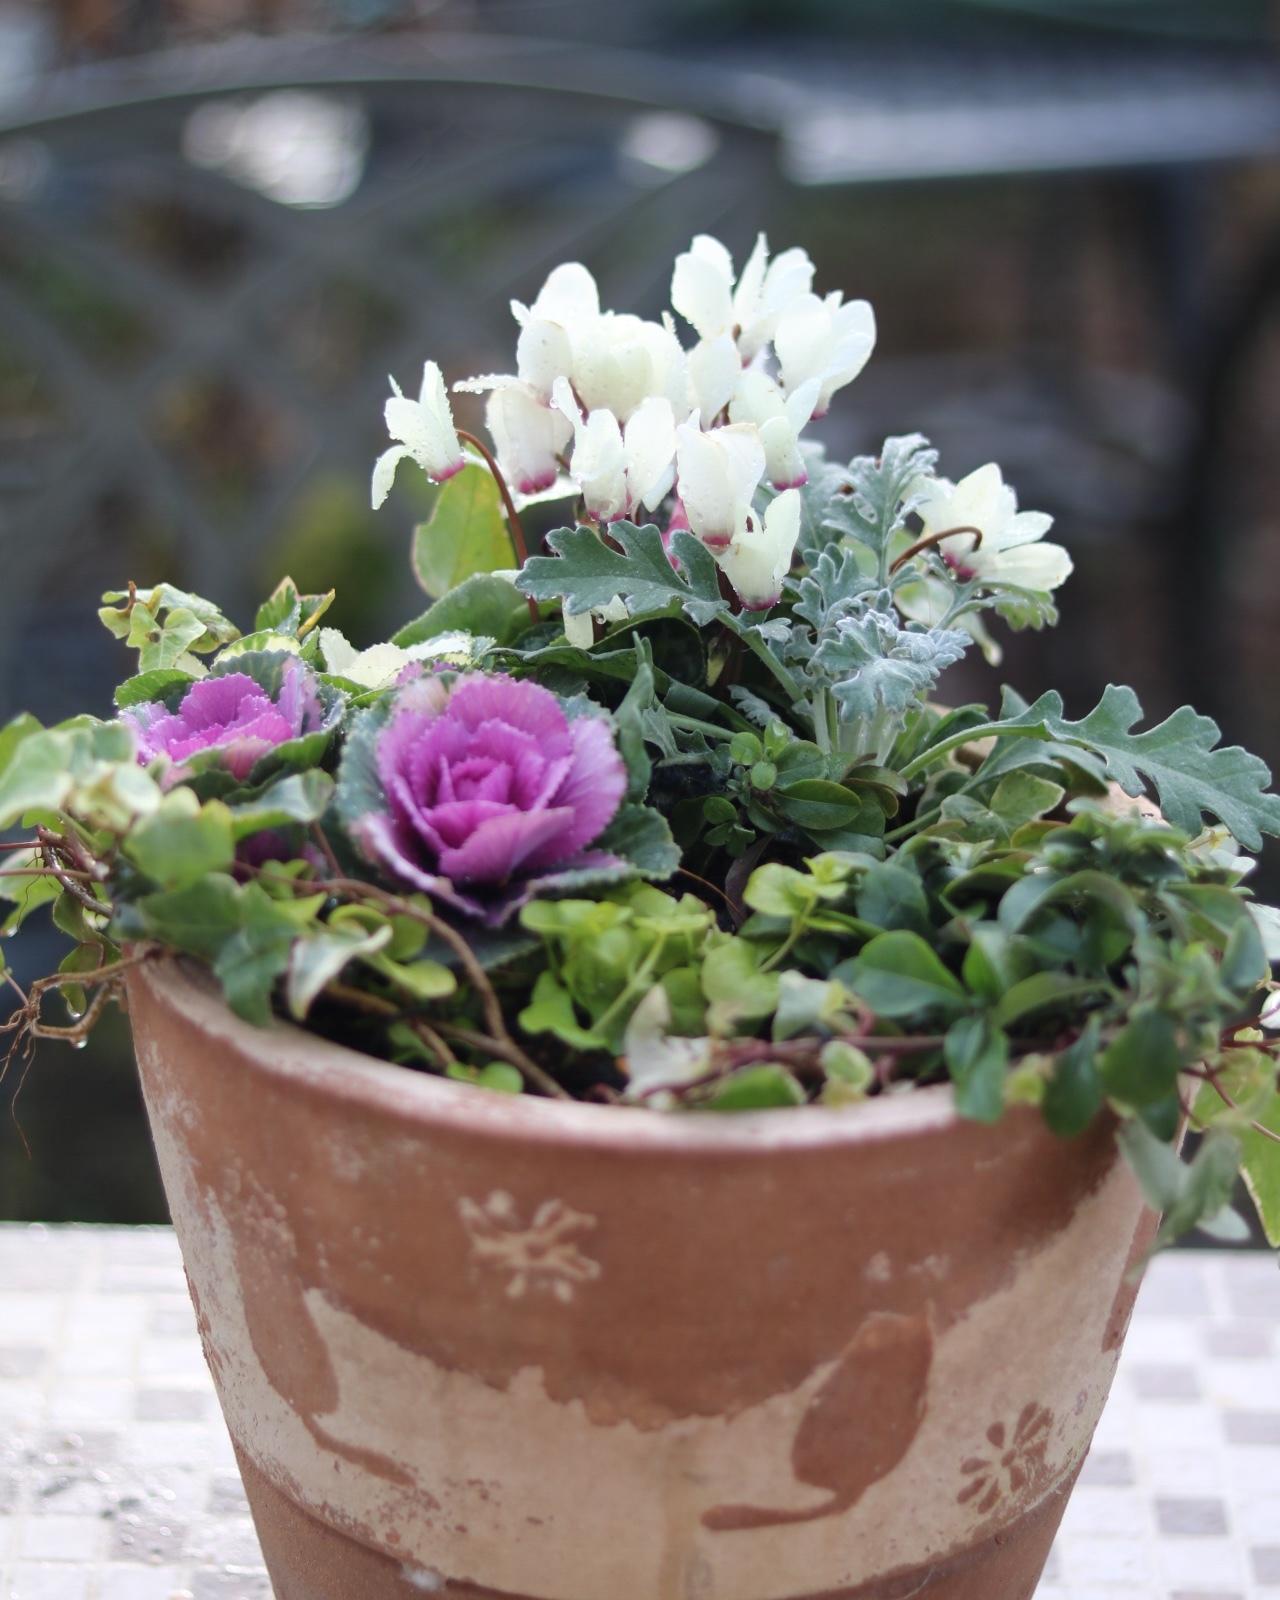 冬の鉢植え_c0366722_14374901.jpeg